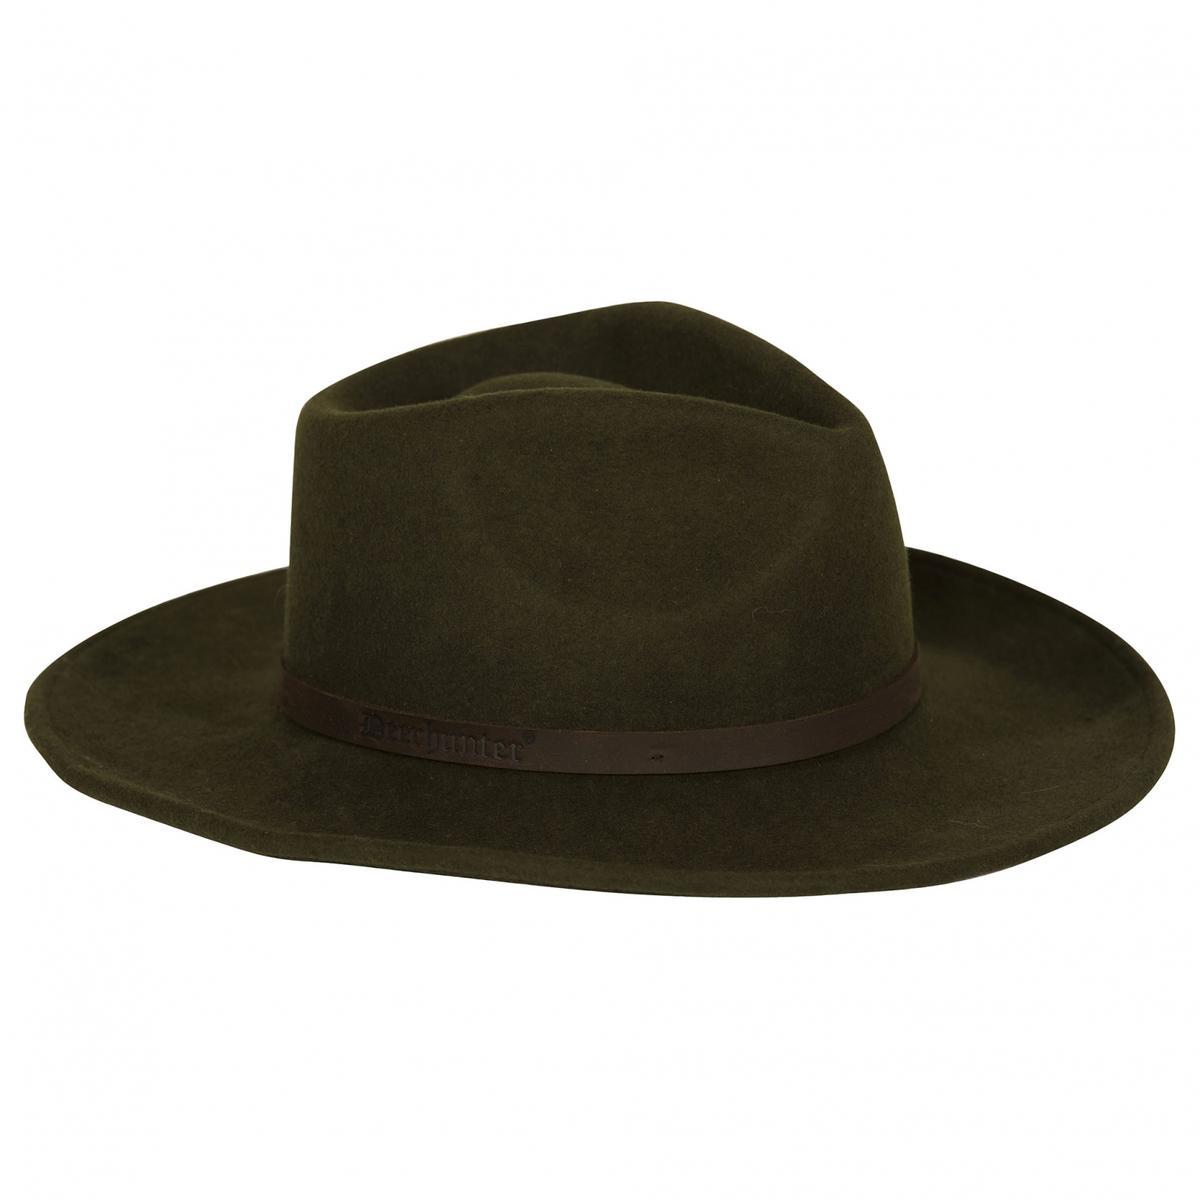 Green Felt Green Ranger Deerhunter Felt Deerhunter Ranger Ranger Deerhunter Hat Hat AqwZ5q1xC